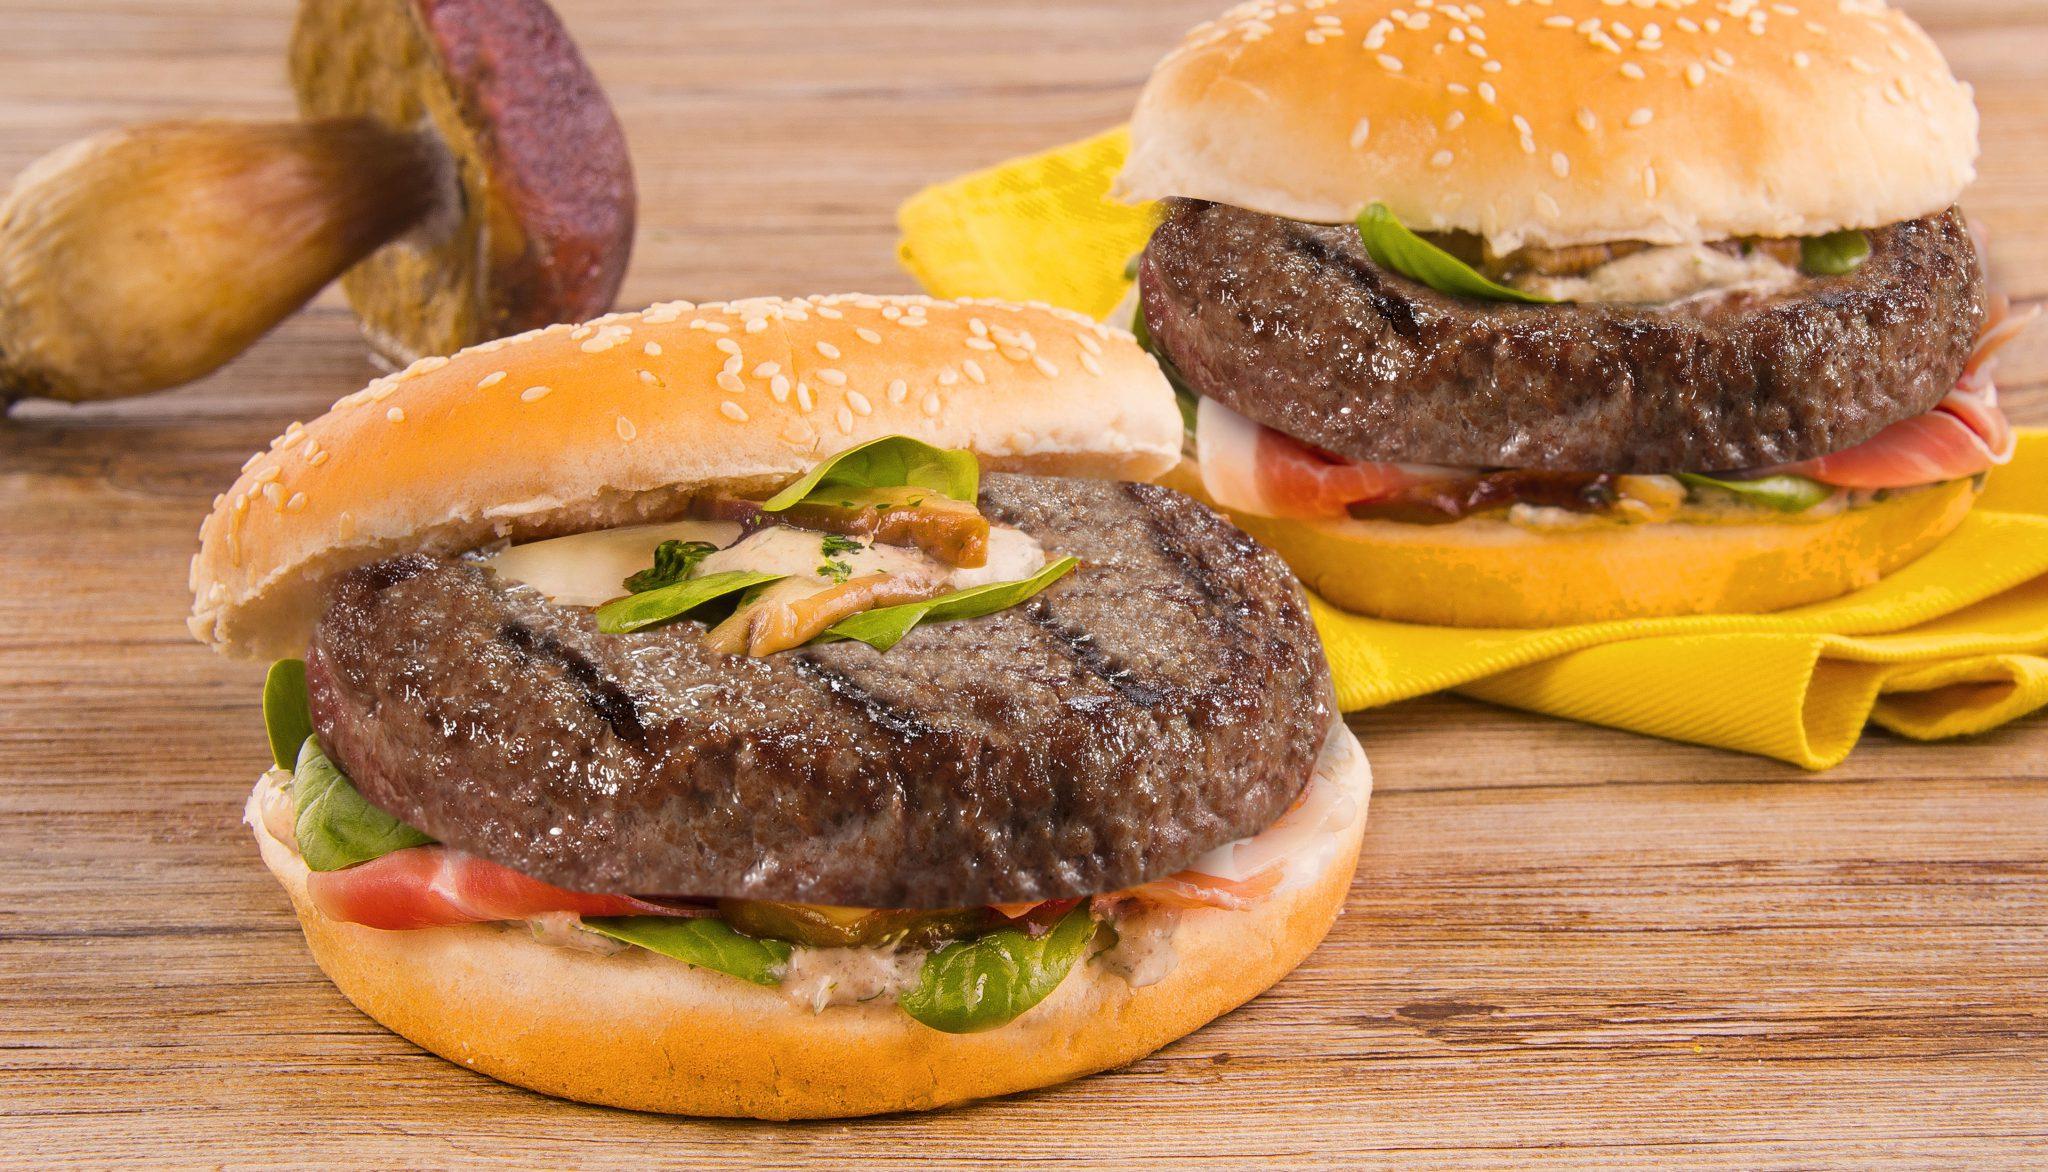 Hamburger Gourmet con funghi porcini, Crudo di Parma e spinaci